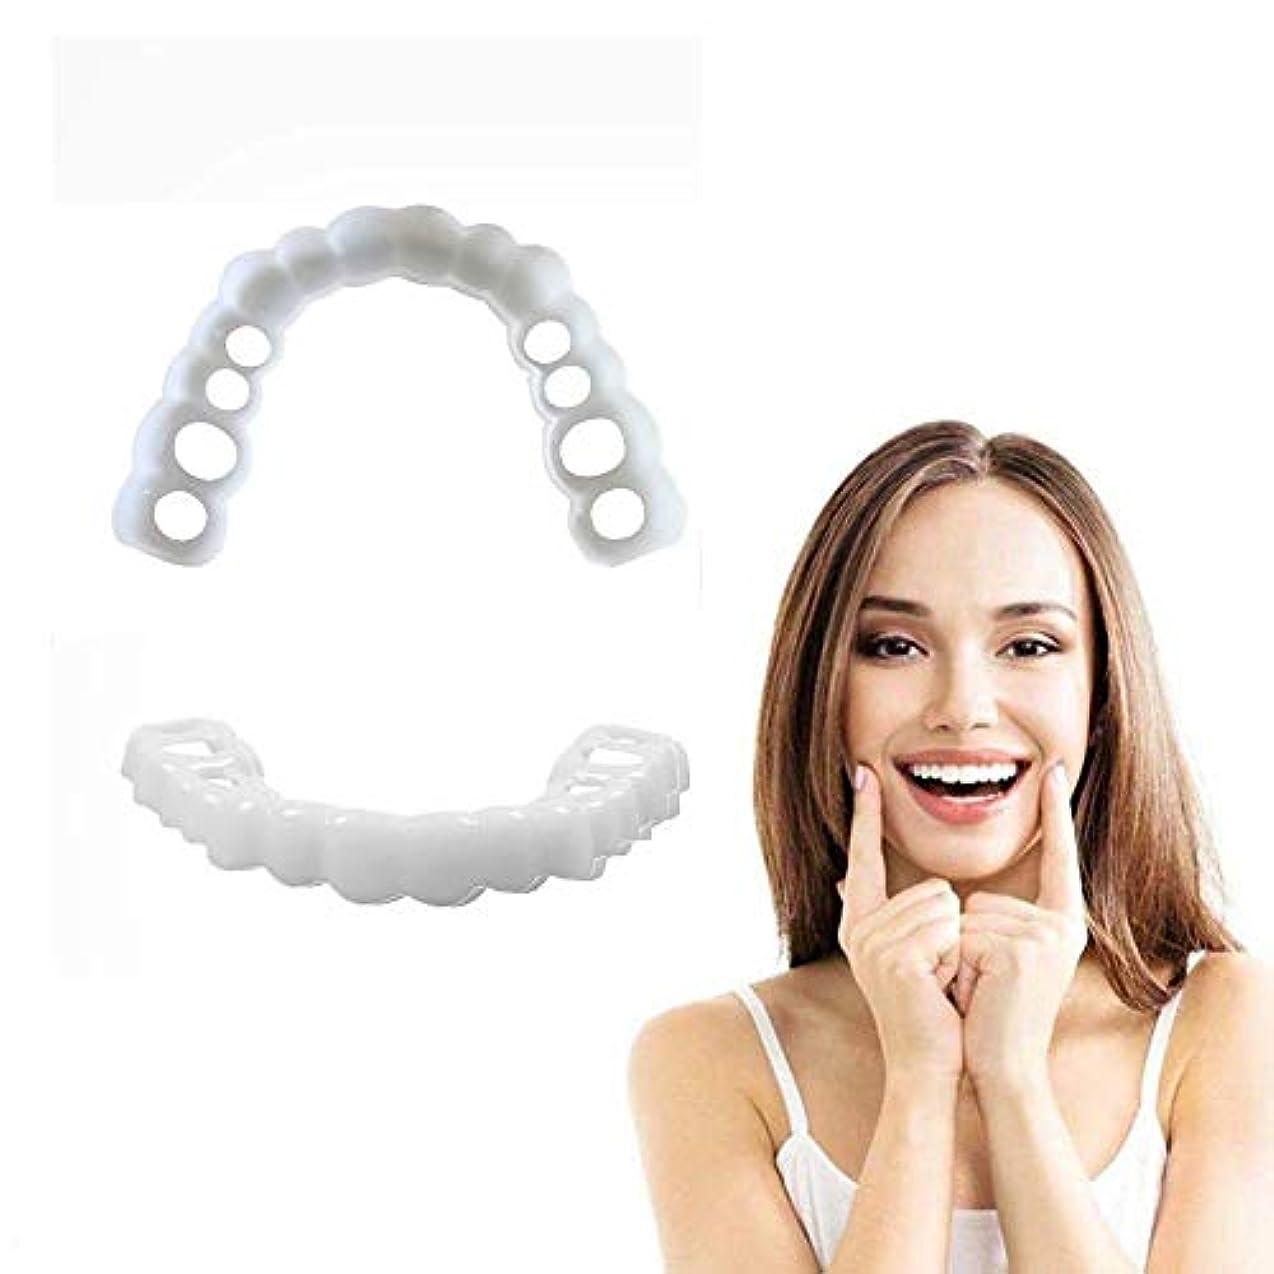 震える信頼レイア2対の歯義歯歯用化粧品テンポラリースマイルコンフォートフィット化粧品用義歯(ホワイト),7Pairs